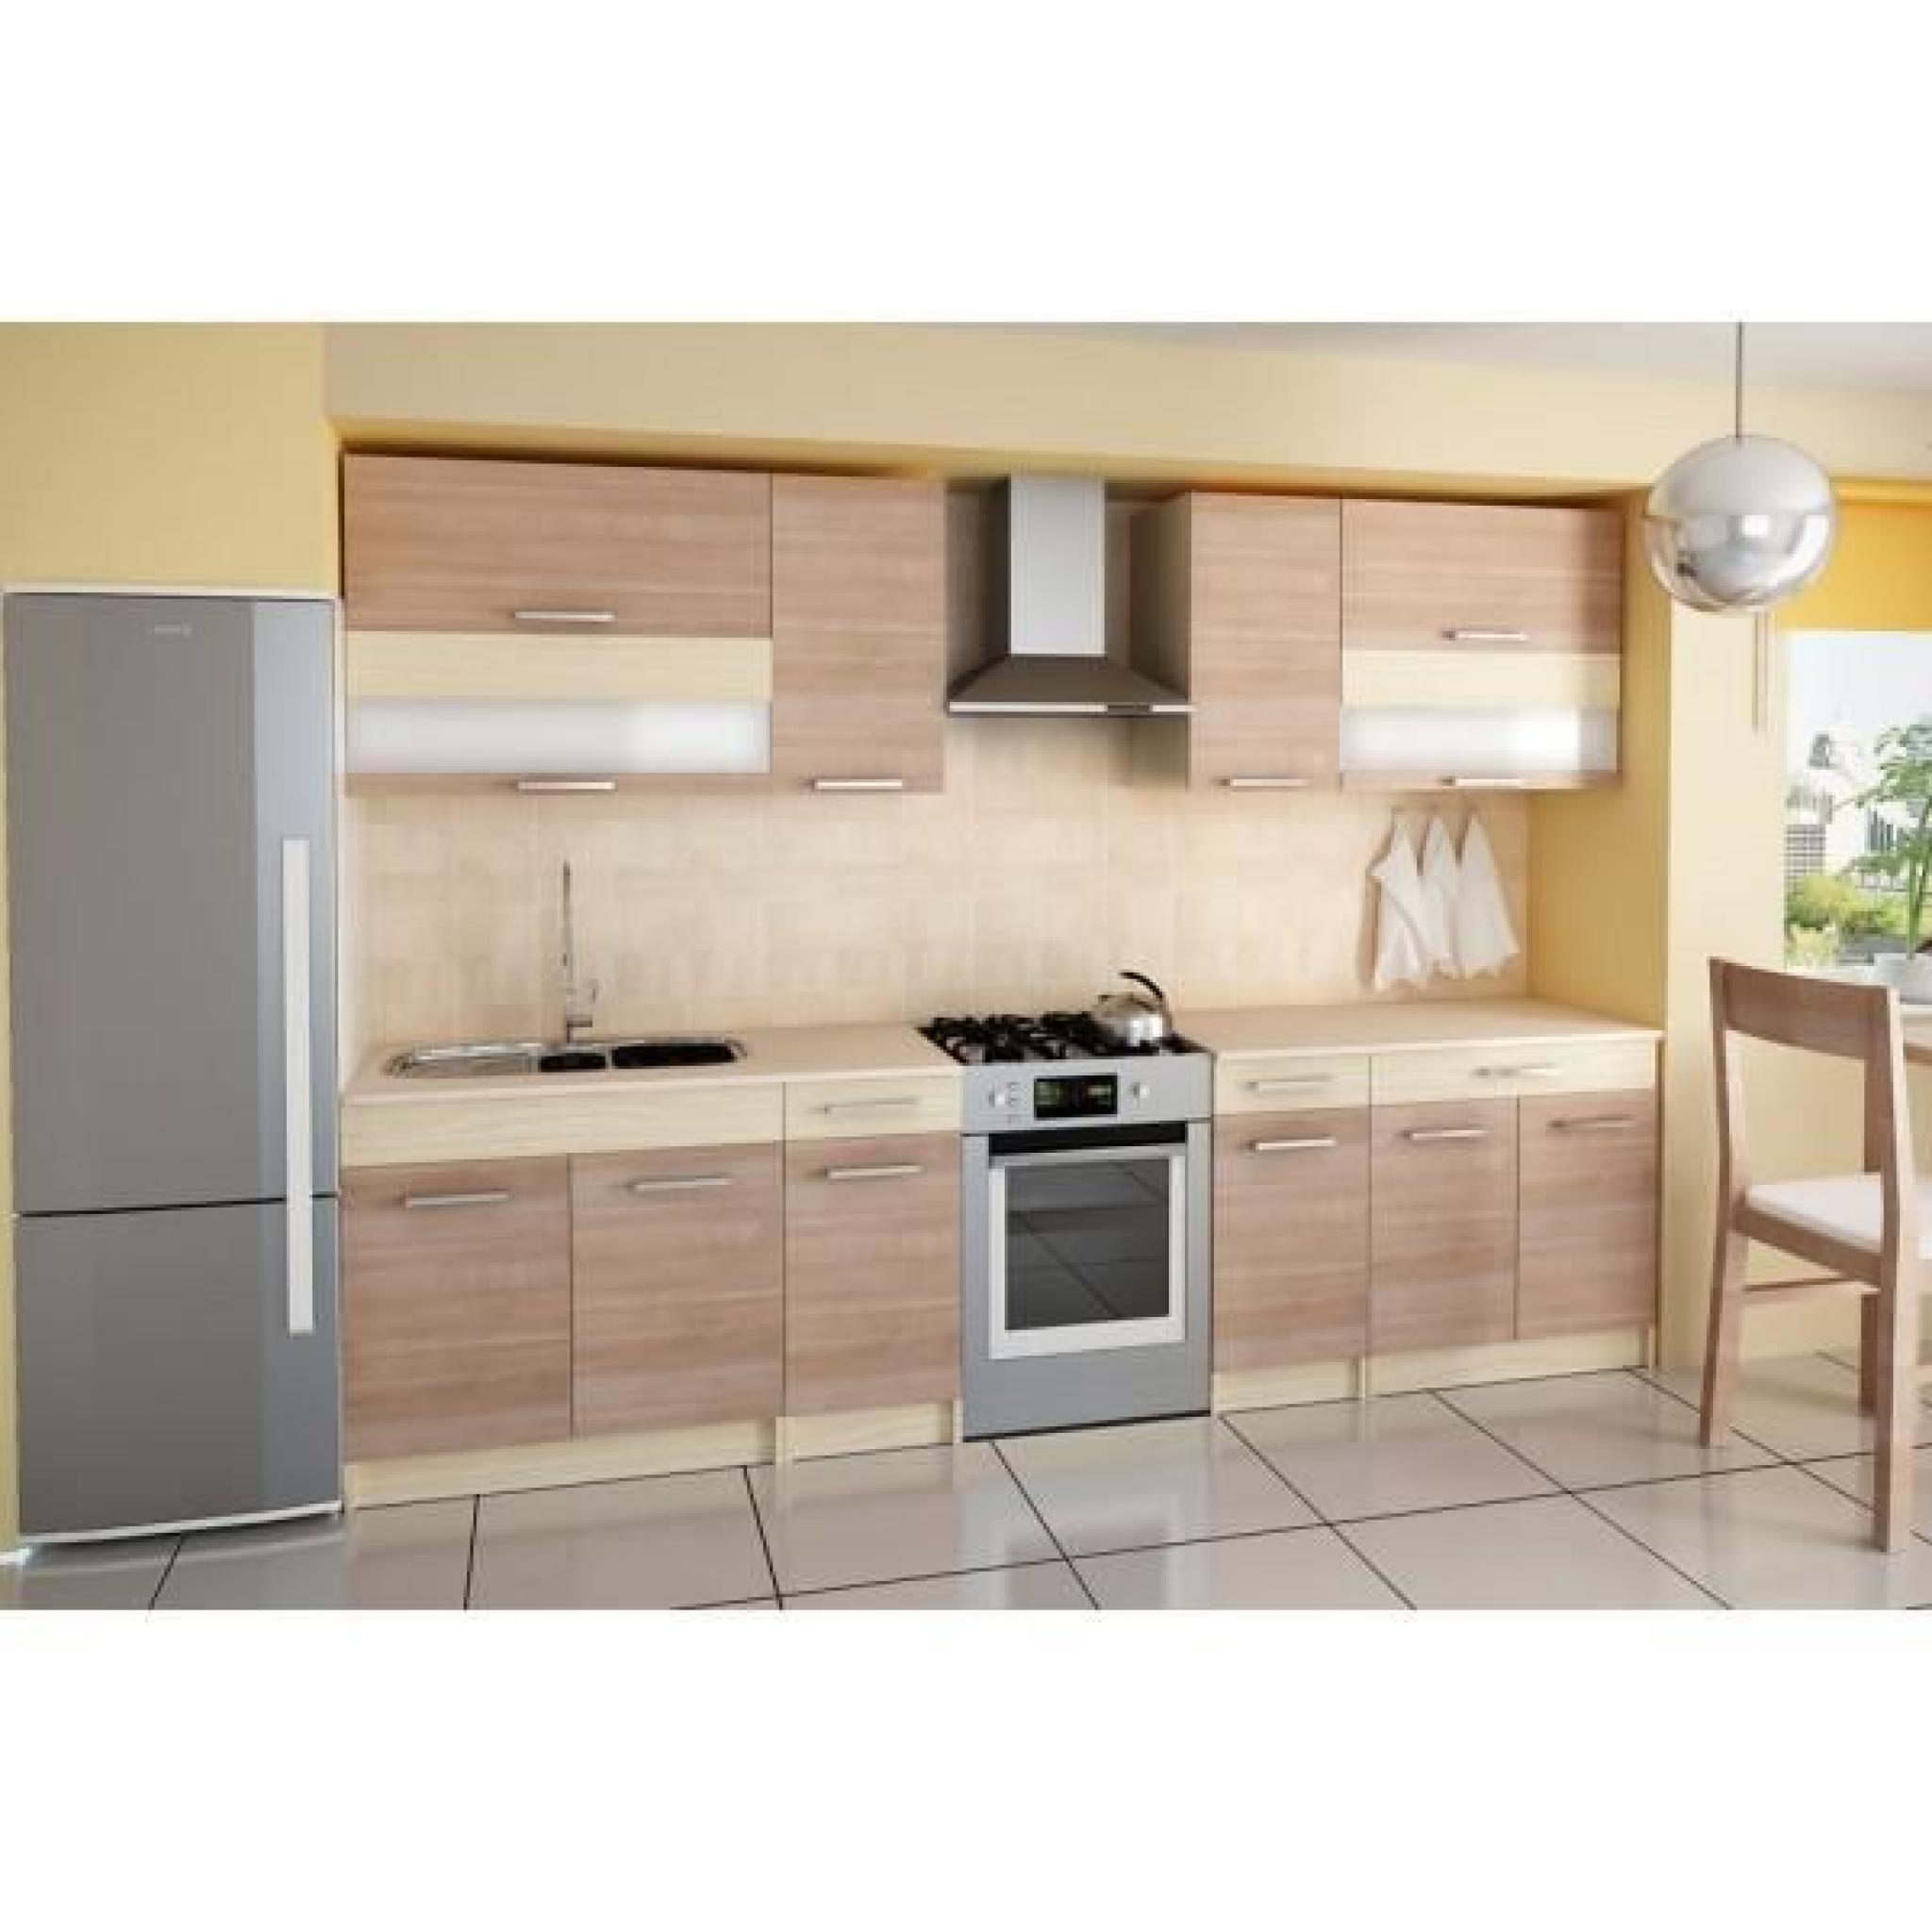 Cuisine compl te 260 cm elise bois moderne achat vente for Cuisine complete design